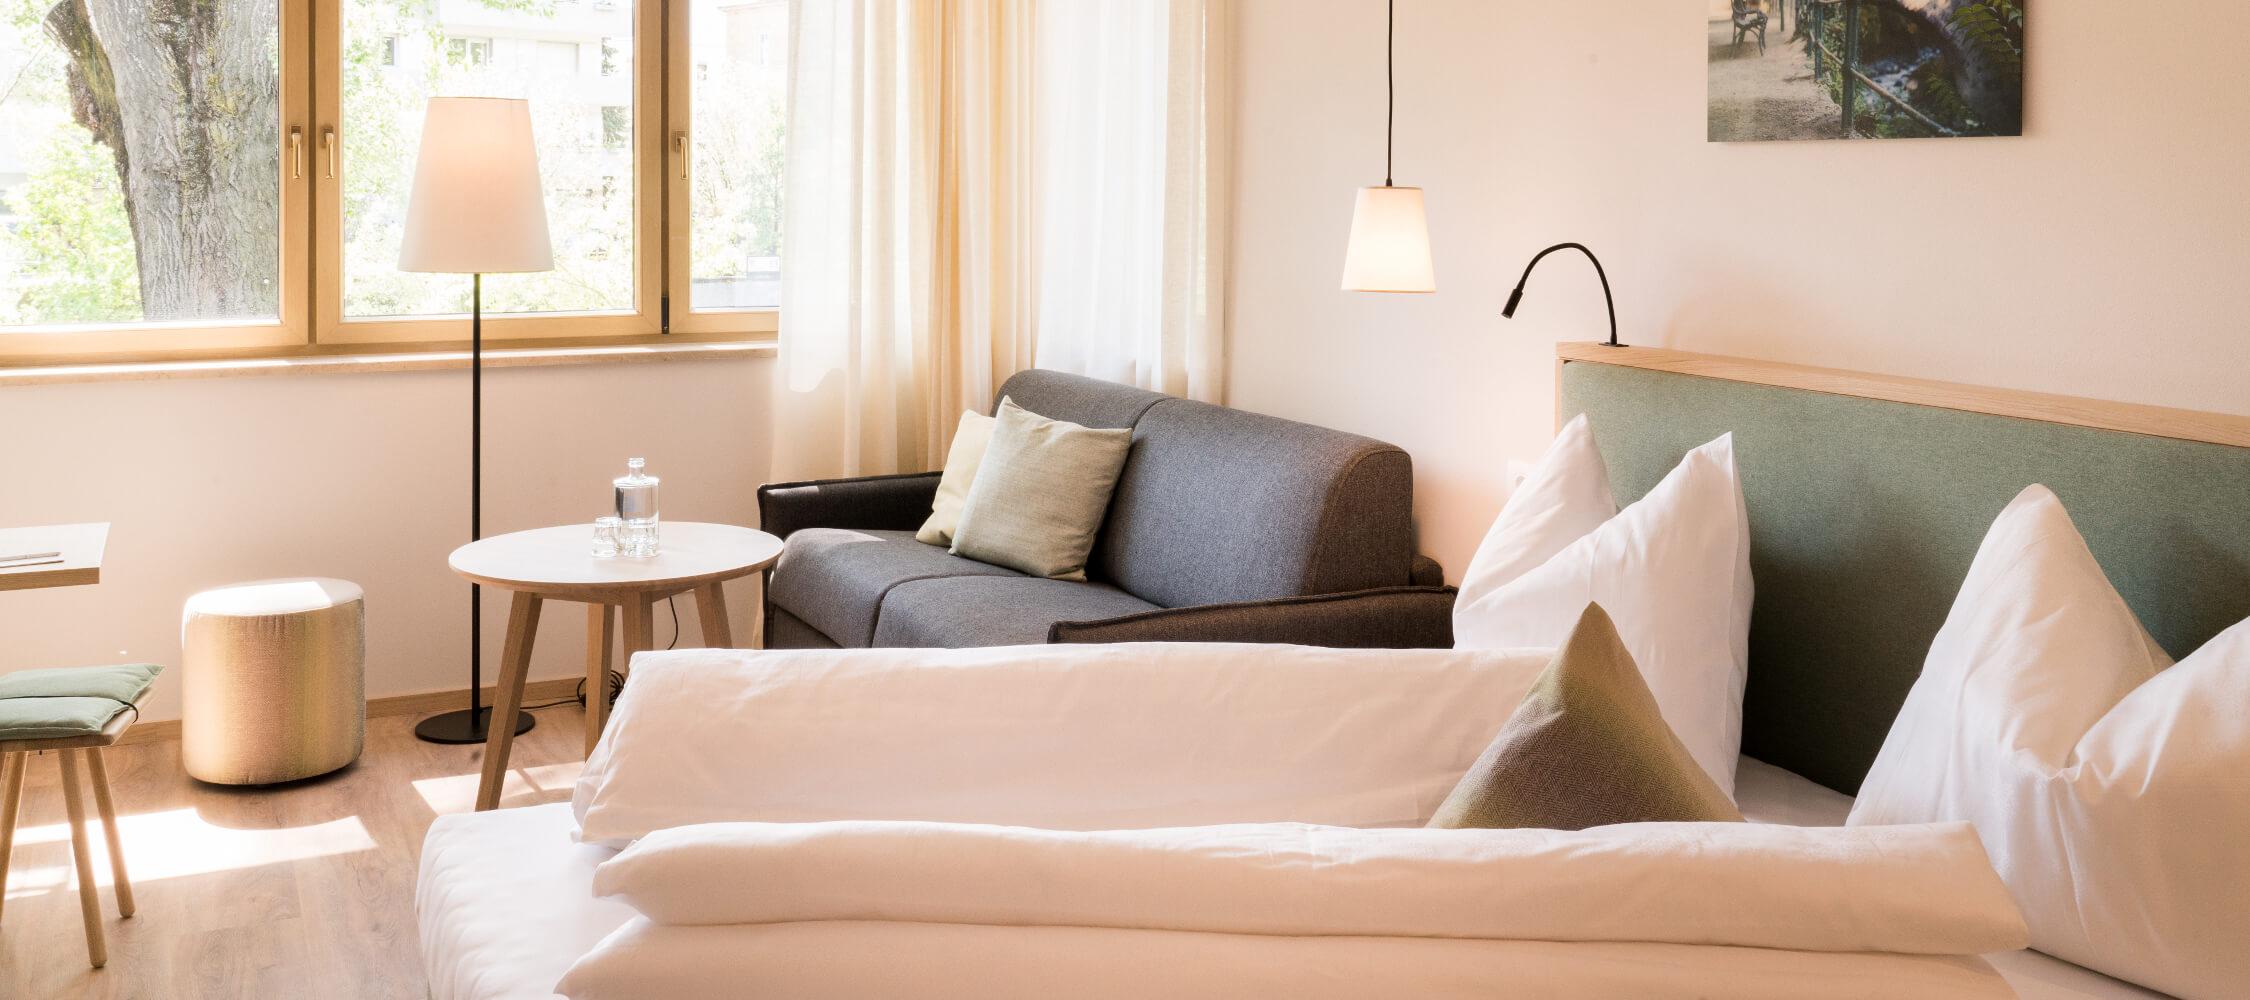 Hotel Flora, Meran, 3 Sterne Hotel, Südtirol, Superior Doppelzimmer, Familienurlaub, Nähe Bahnhof, kurze Wege zu Sehenswürdigkeiten